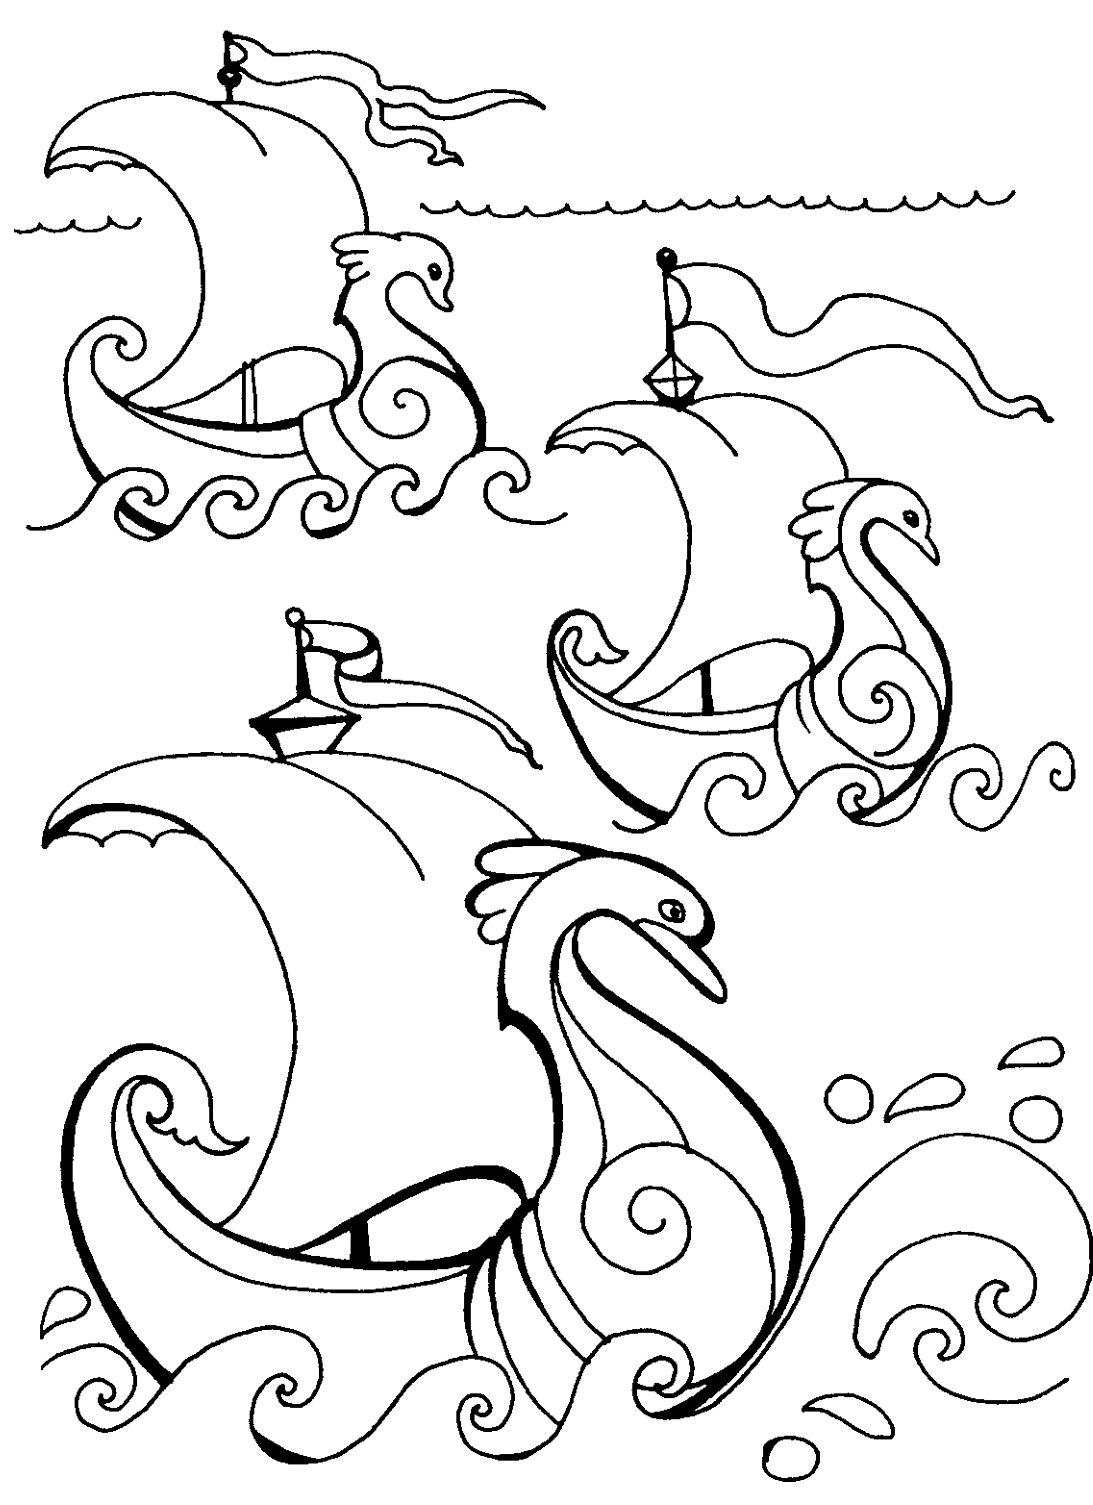 ветер по морю гуляет из сказки о царе салтане раскраска